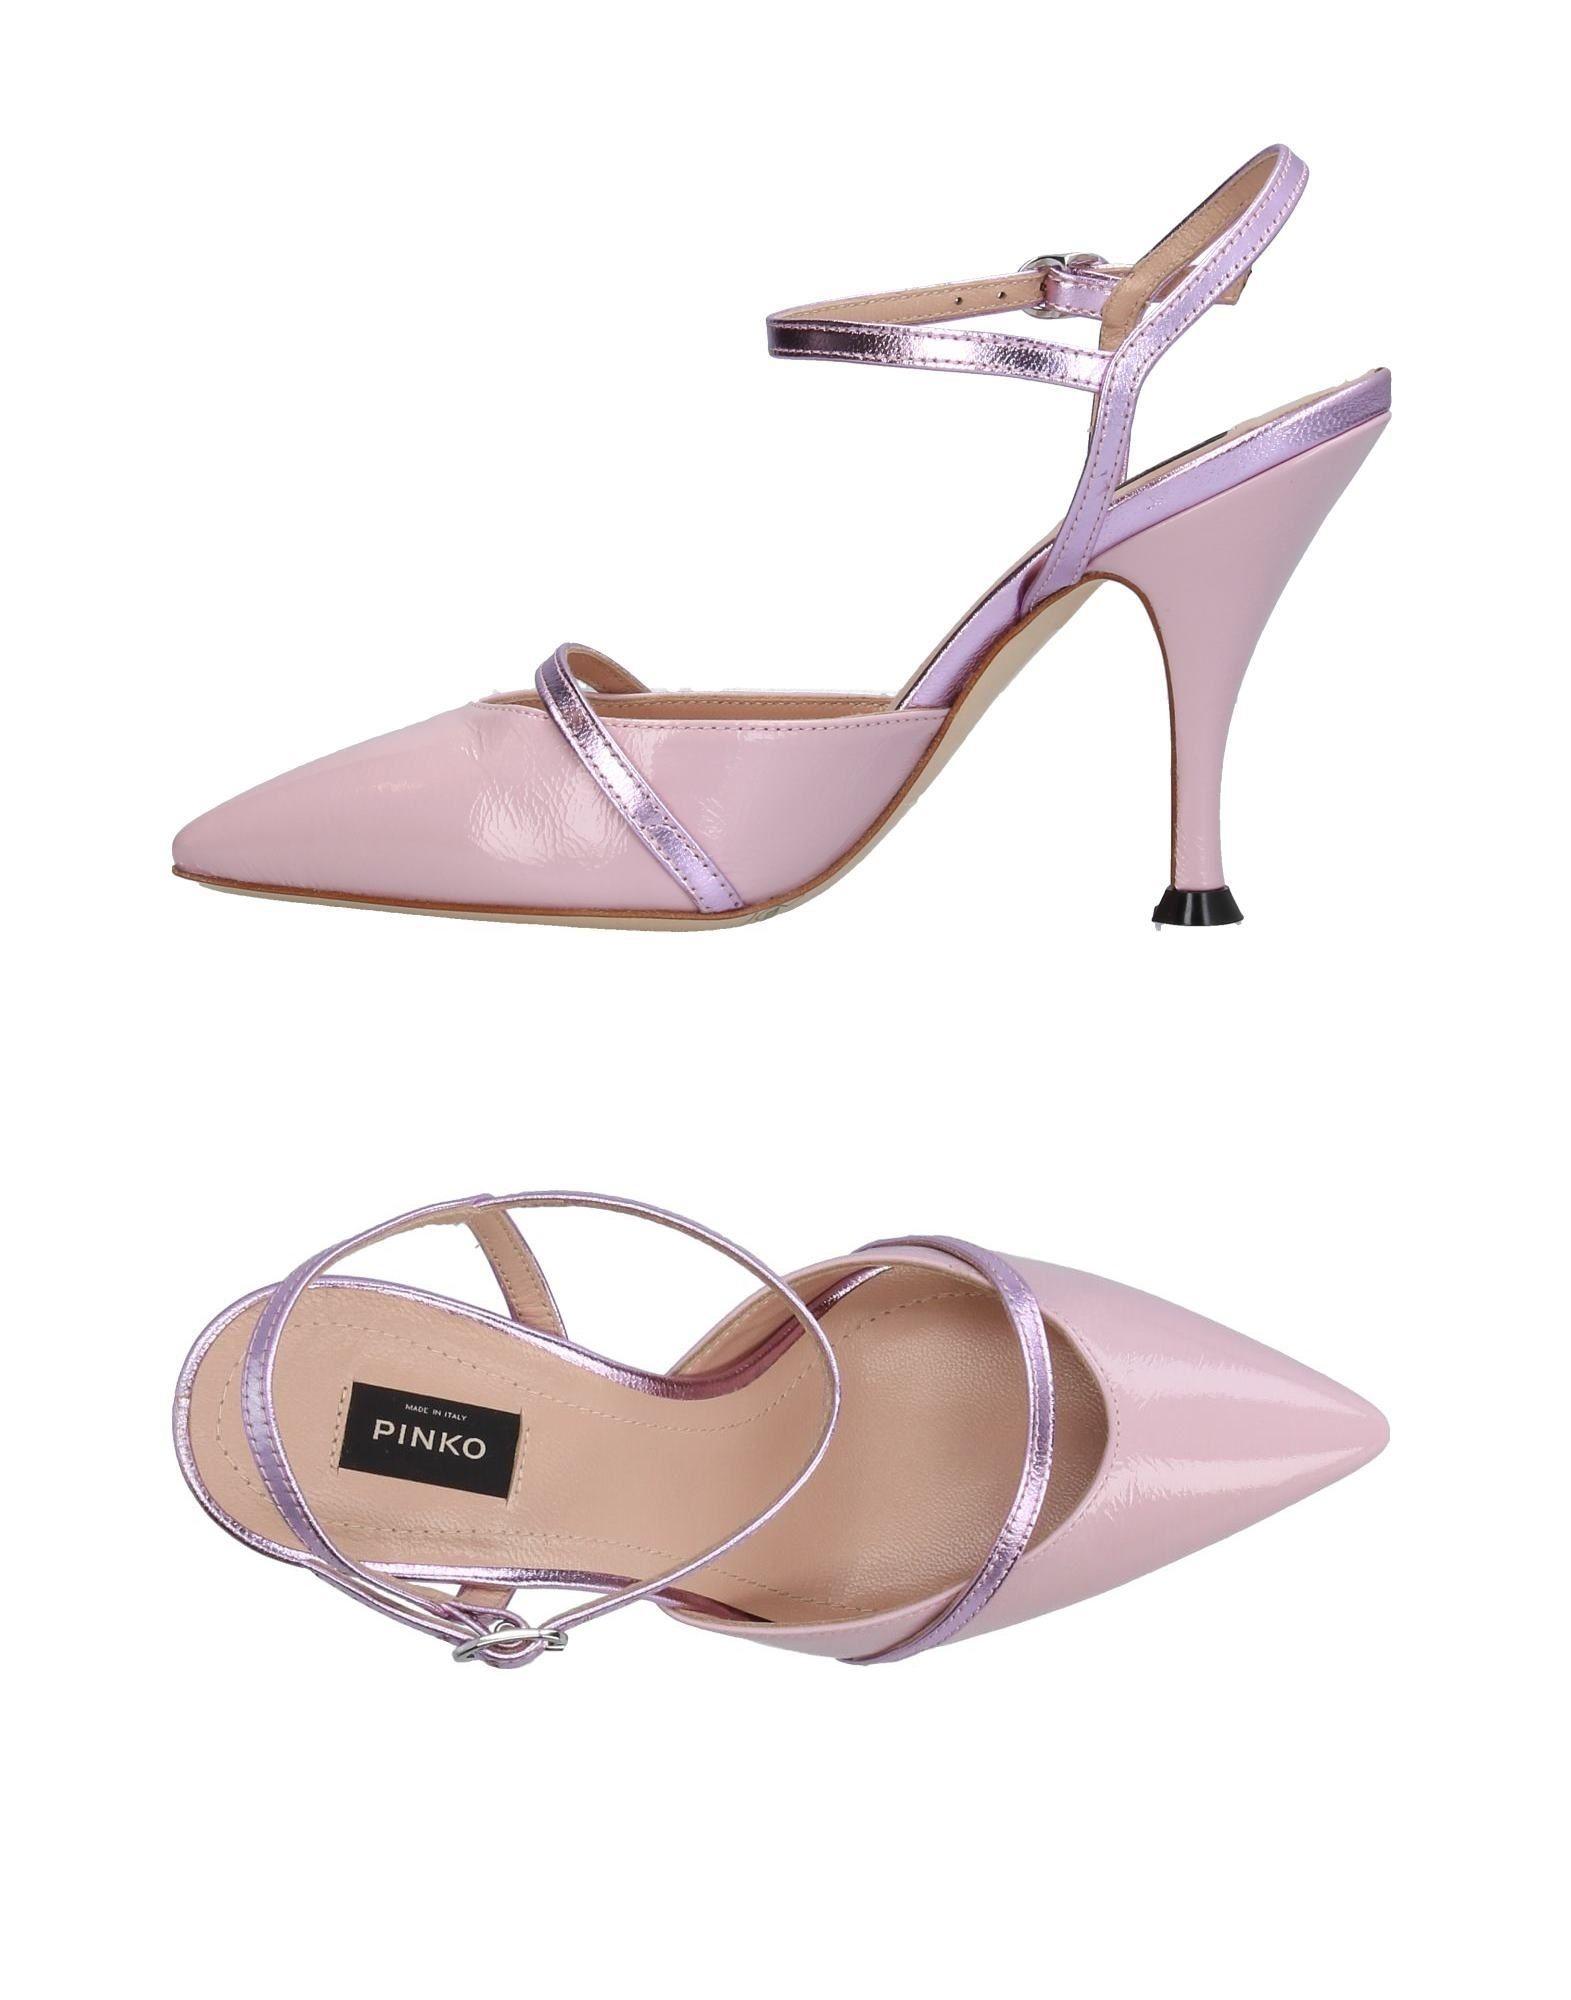 Gran descuento Zapato De Salón Pinko Mujer - Salones Pinko Pinko Salones  Rosa ceabc0